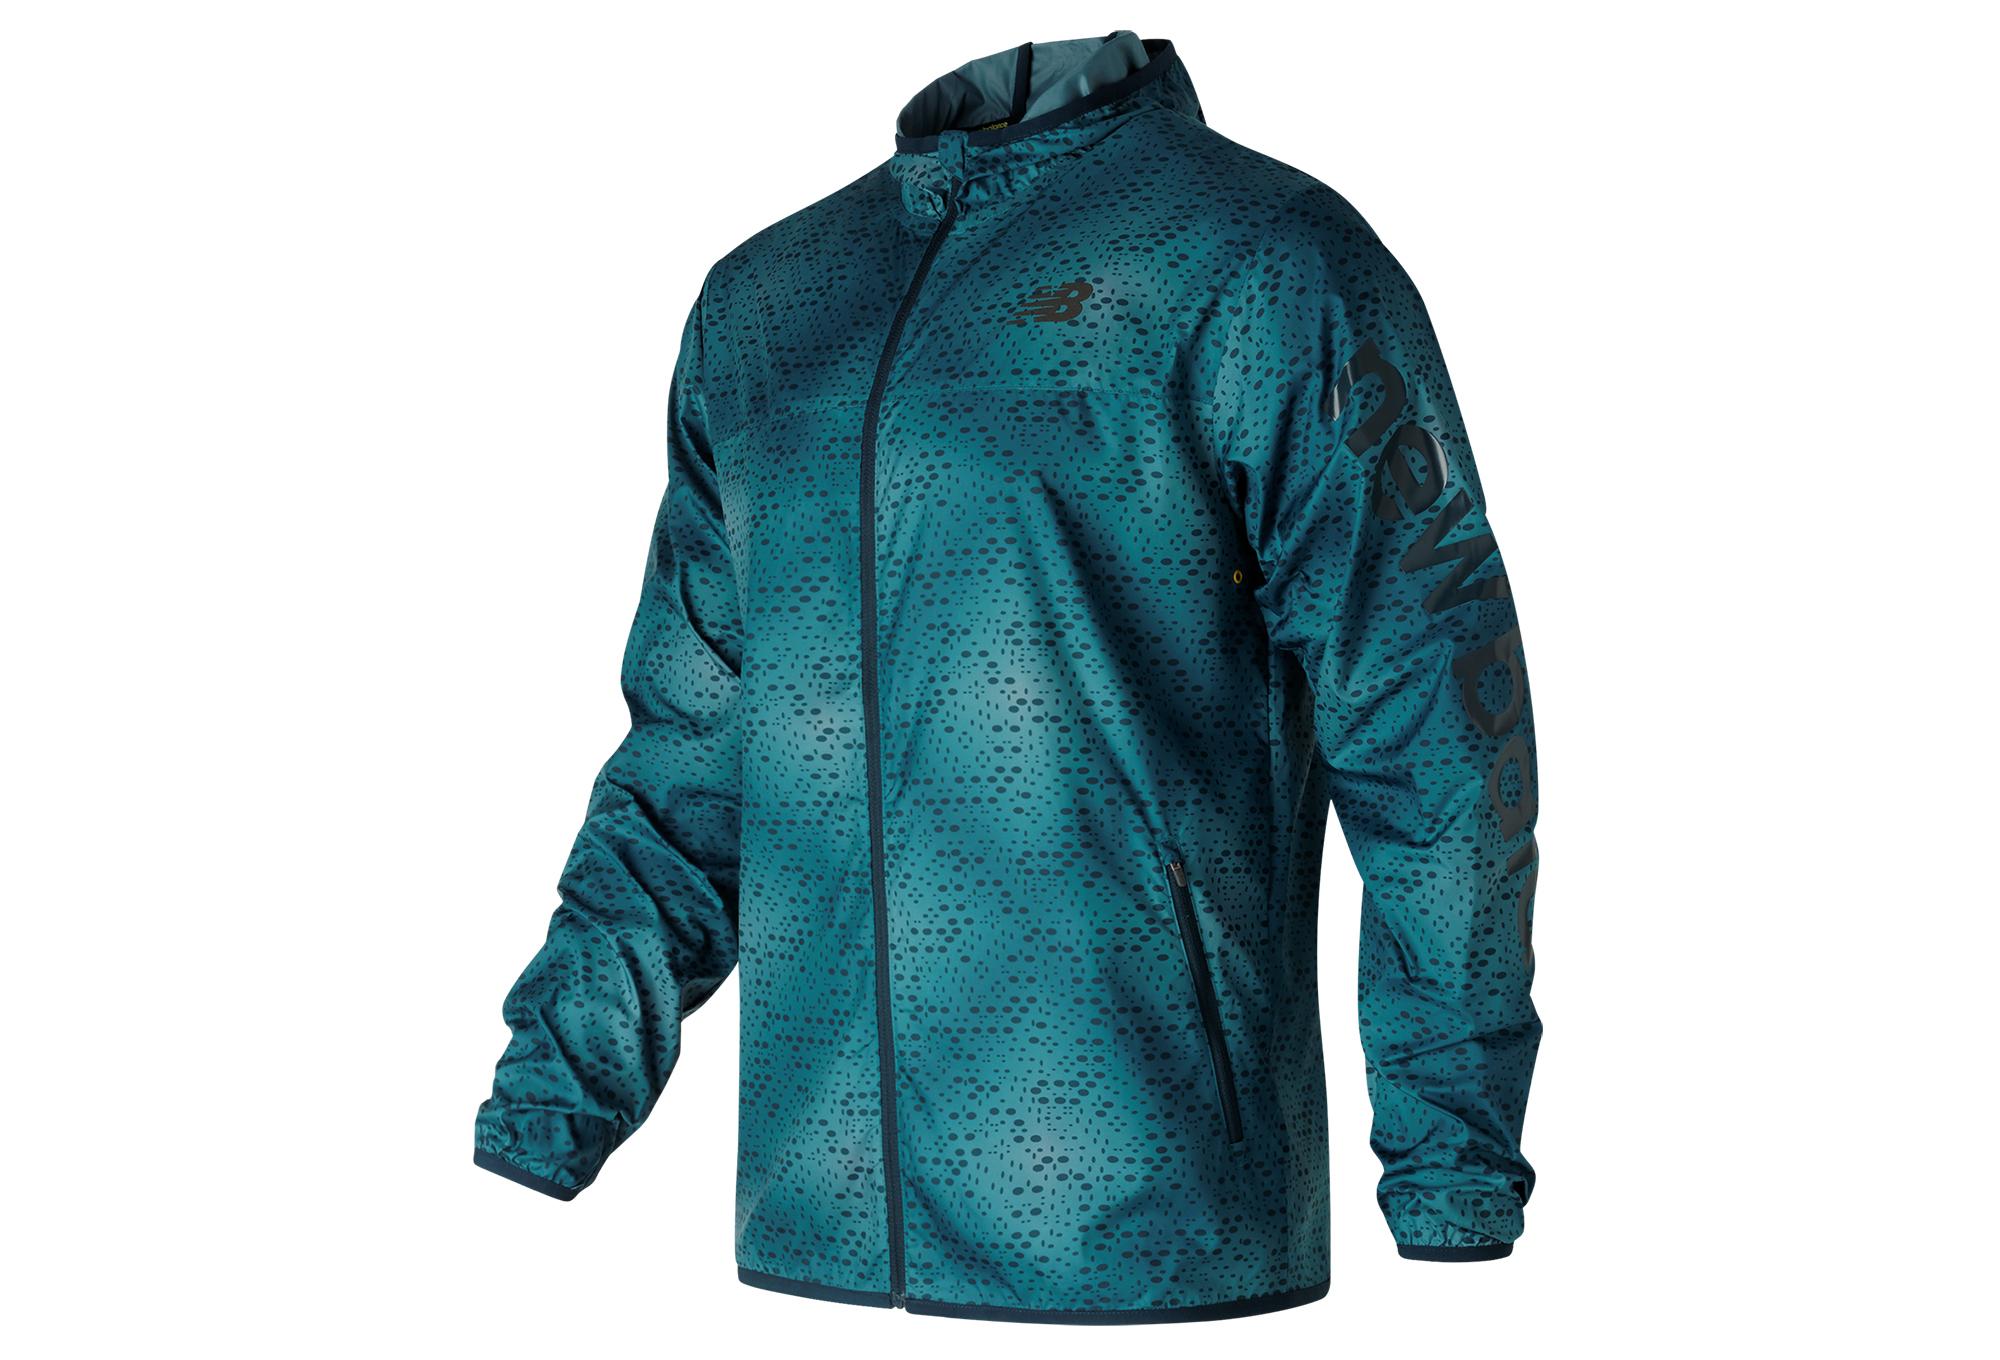 new balance jacket mj63042 blue. Black Bedroom Furniture Sets. Home Design Ideas